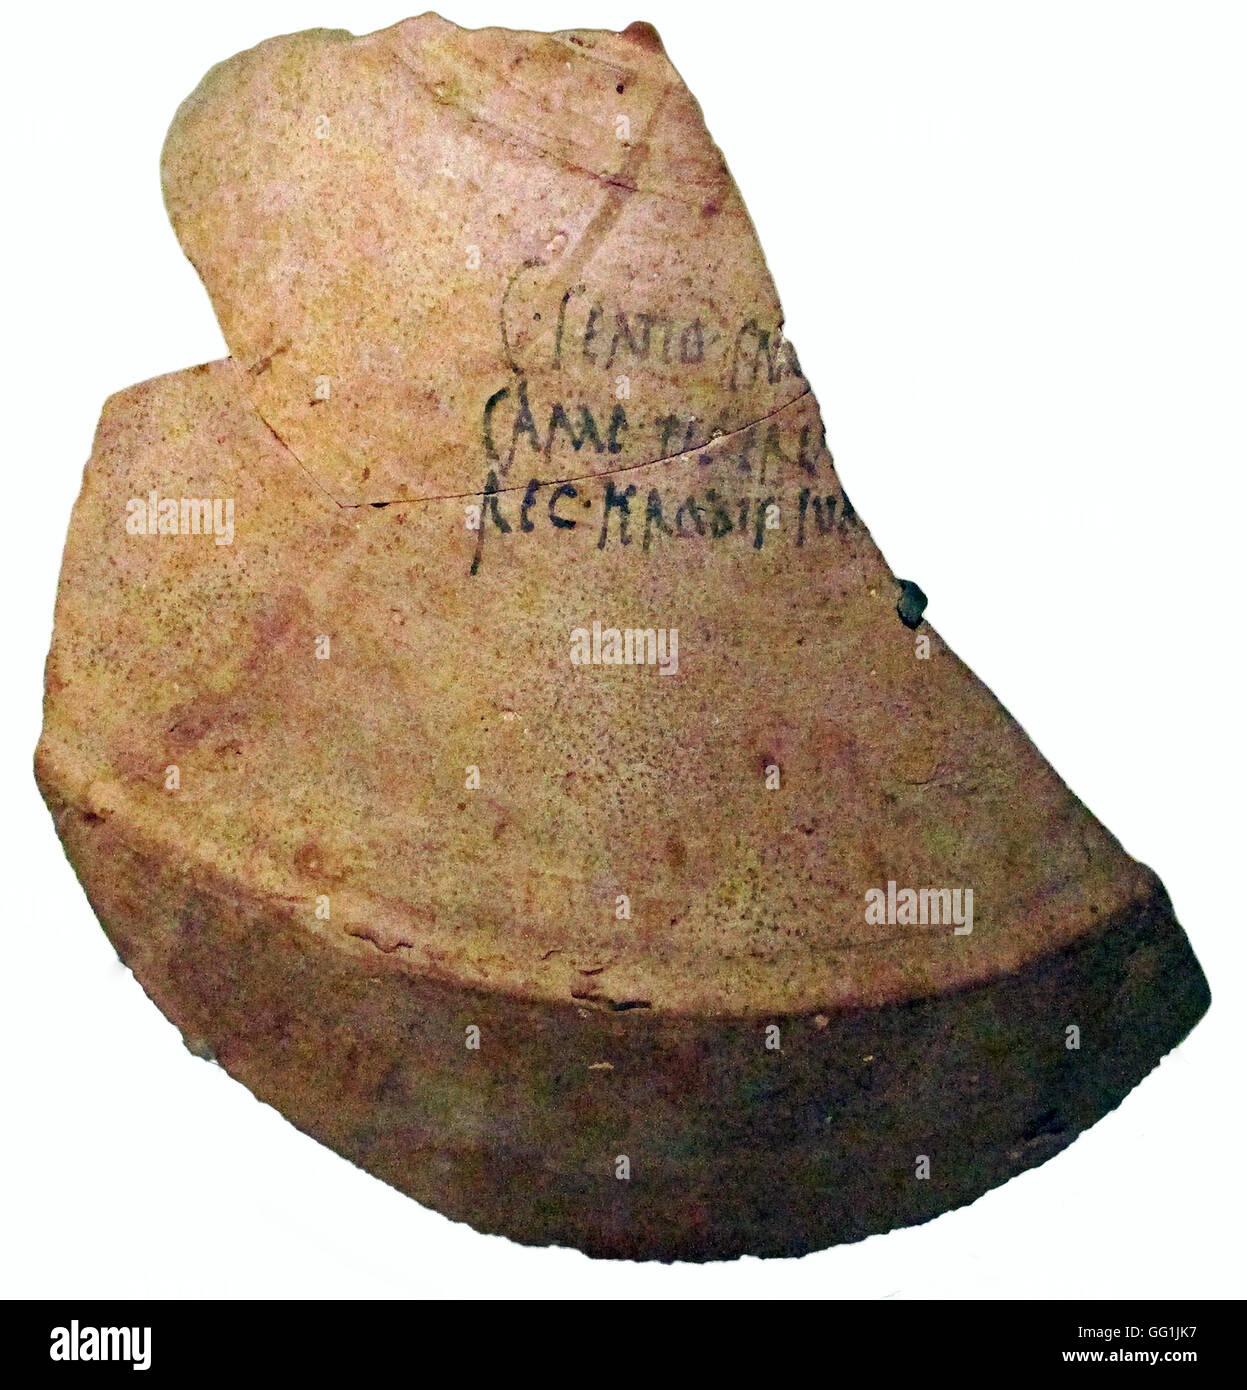 5875. lateinische Inschrift auf einer Wein-Krug (Amphore) angibt, die von König Herodes, der Wein gekauft wurde Stockbild